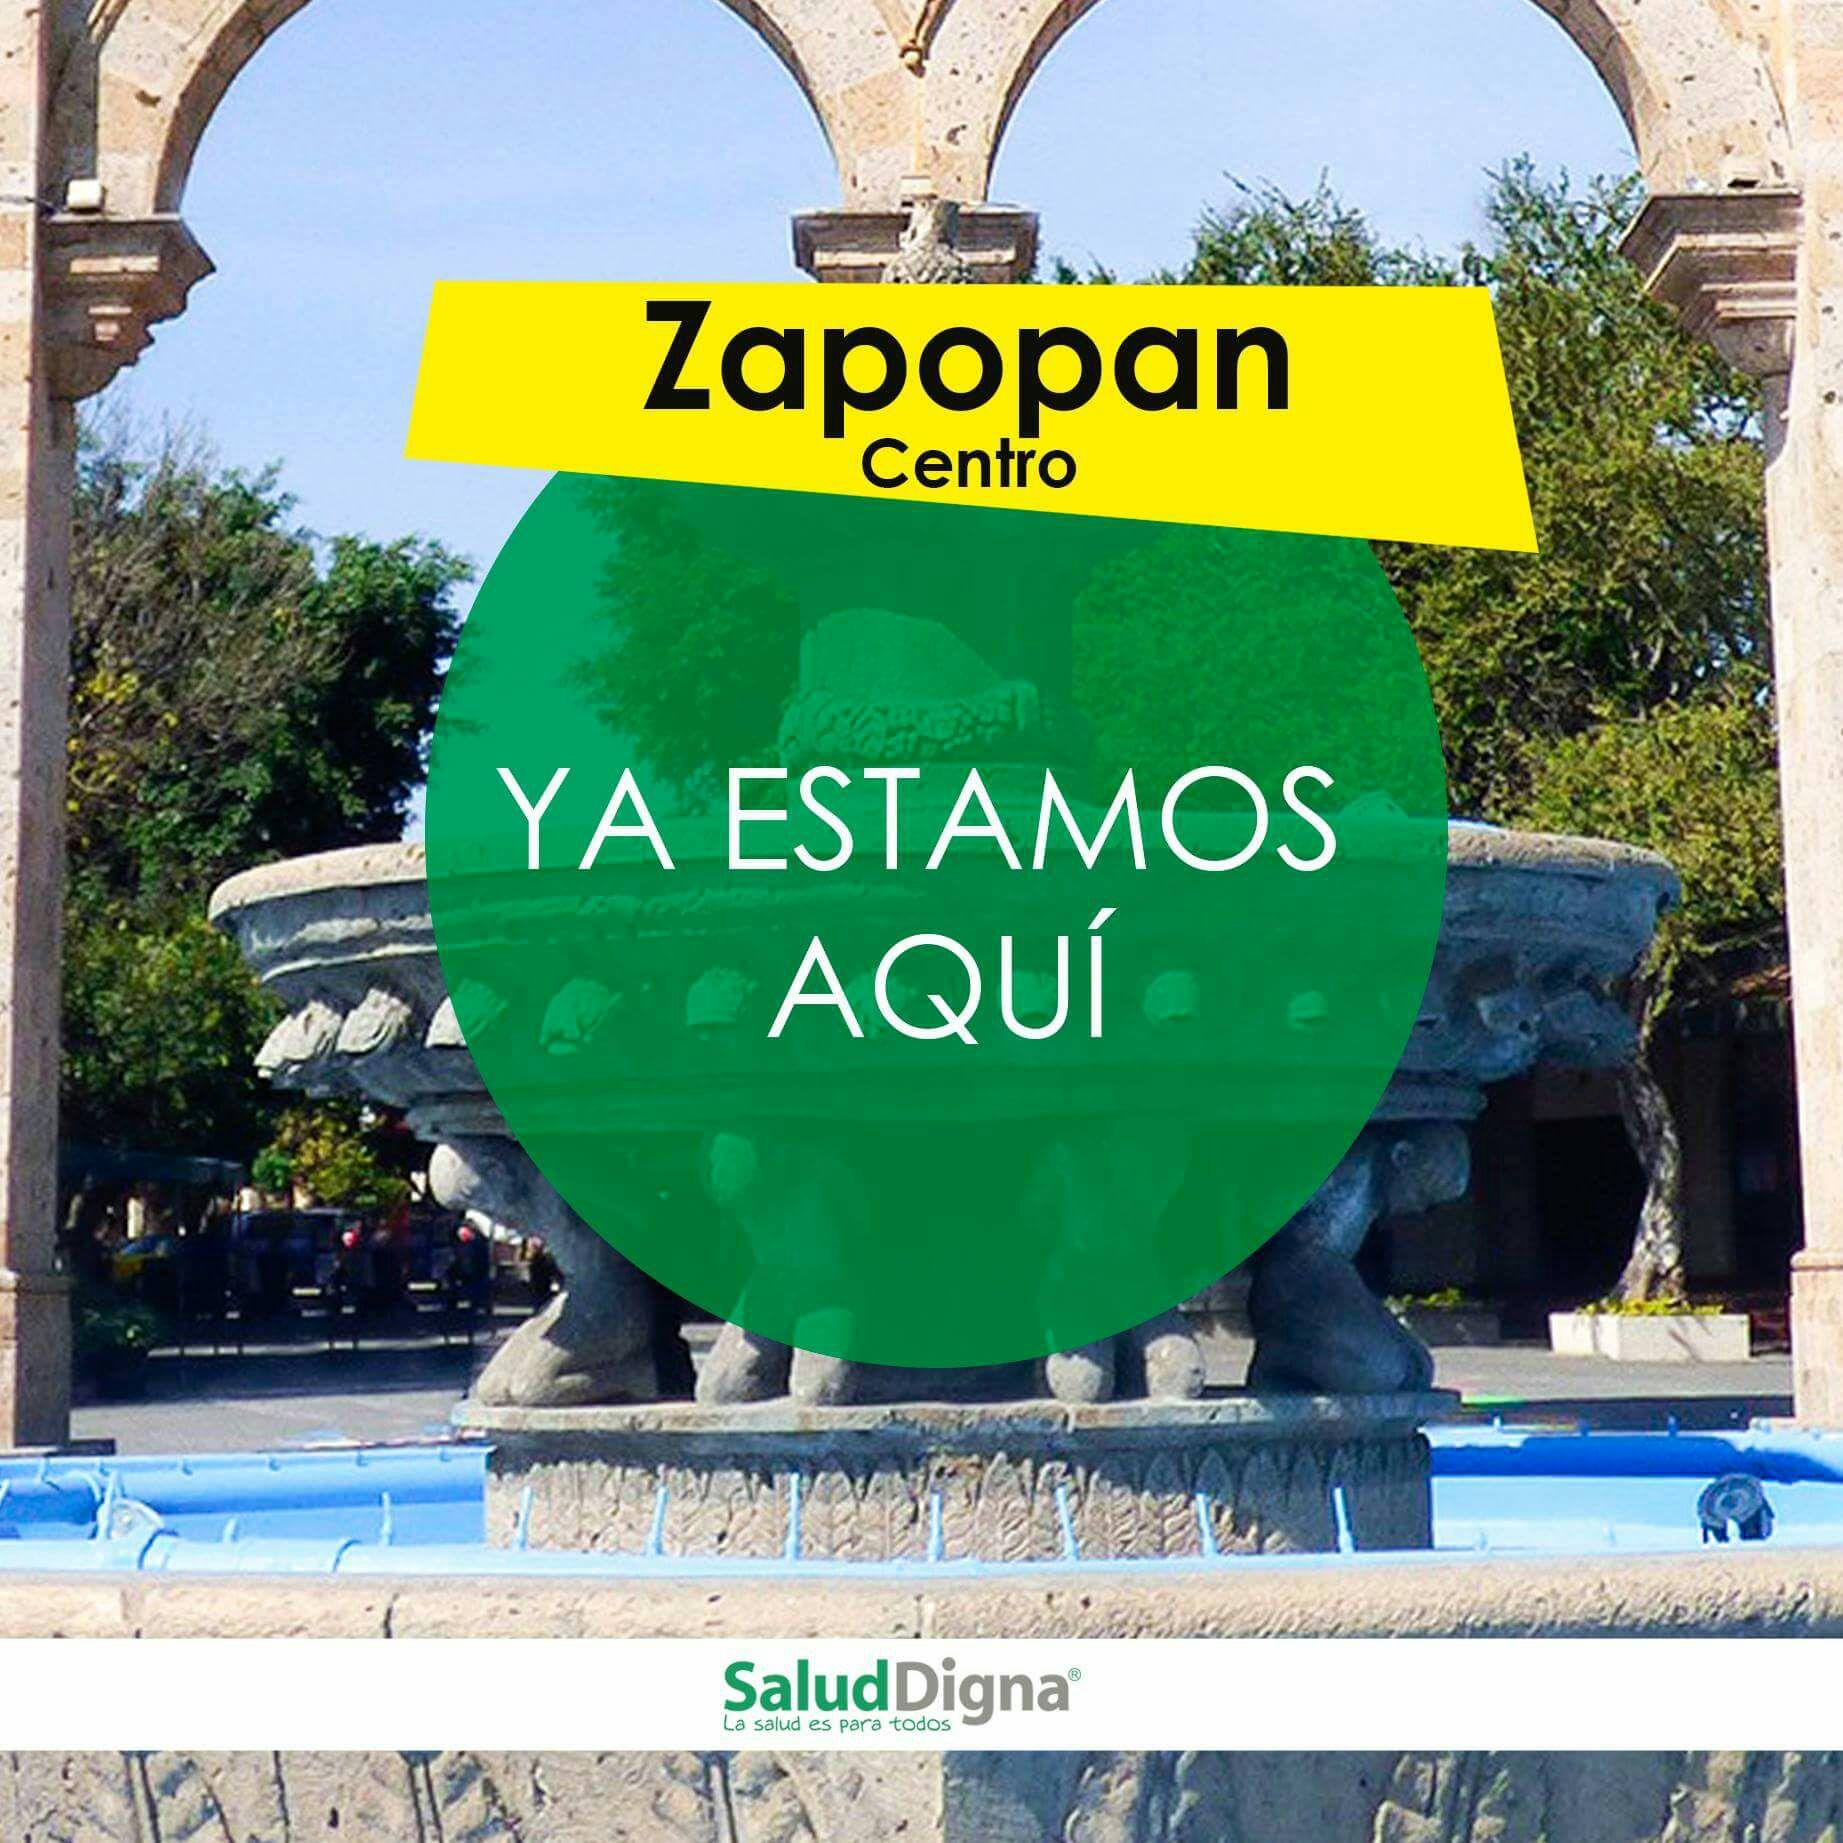 Salud Digna Zapopan Centro: Estudios gratis por apertura